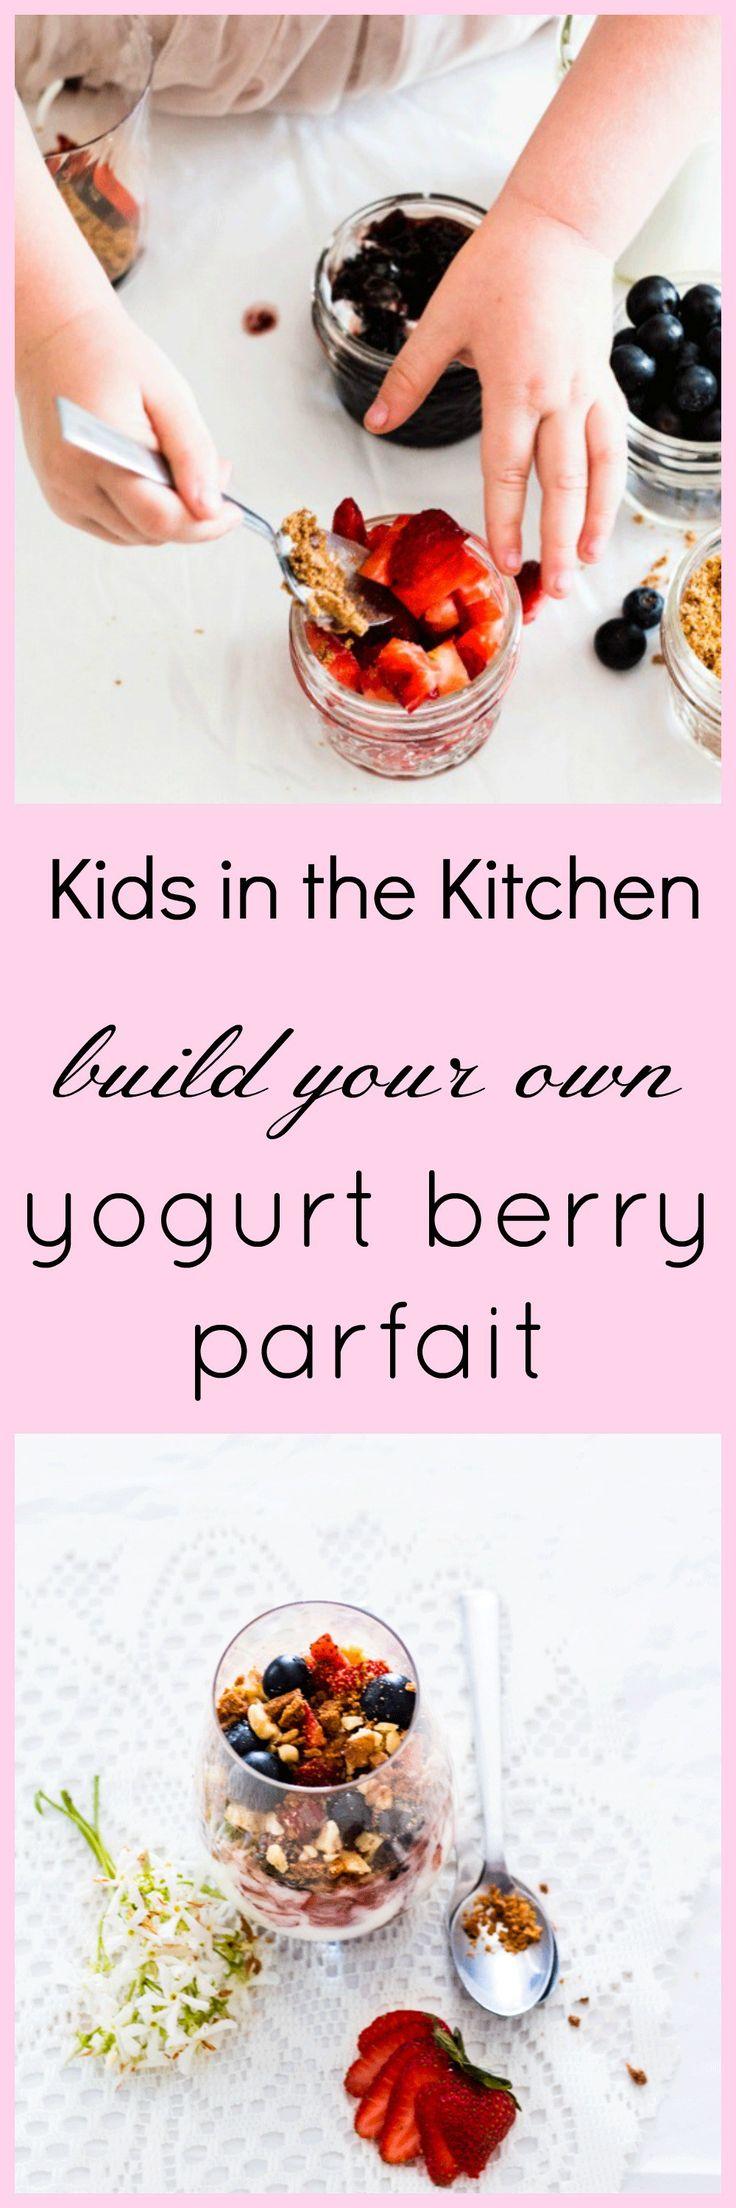 Kids in the Kitchen: Yogurt Berry Parfait